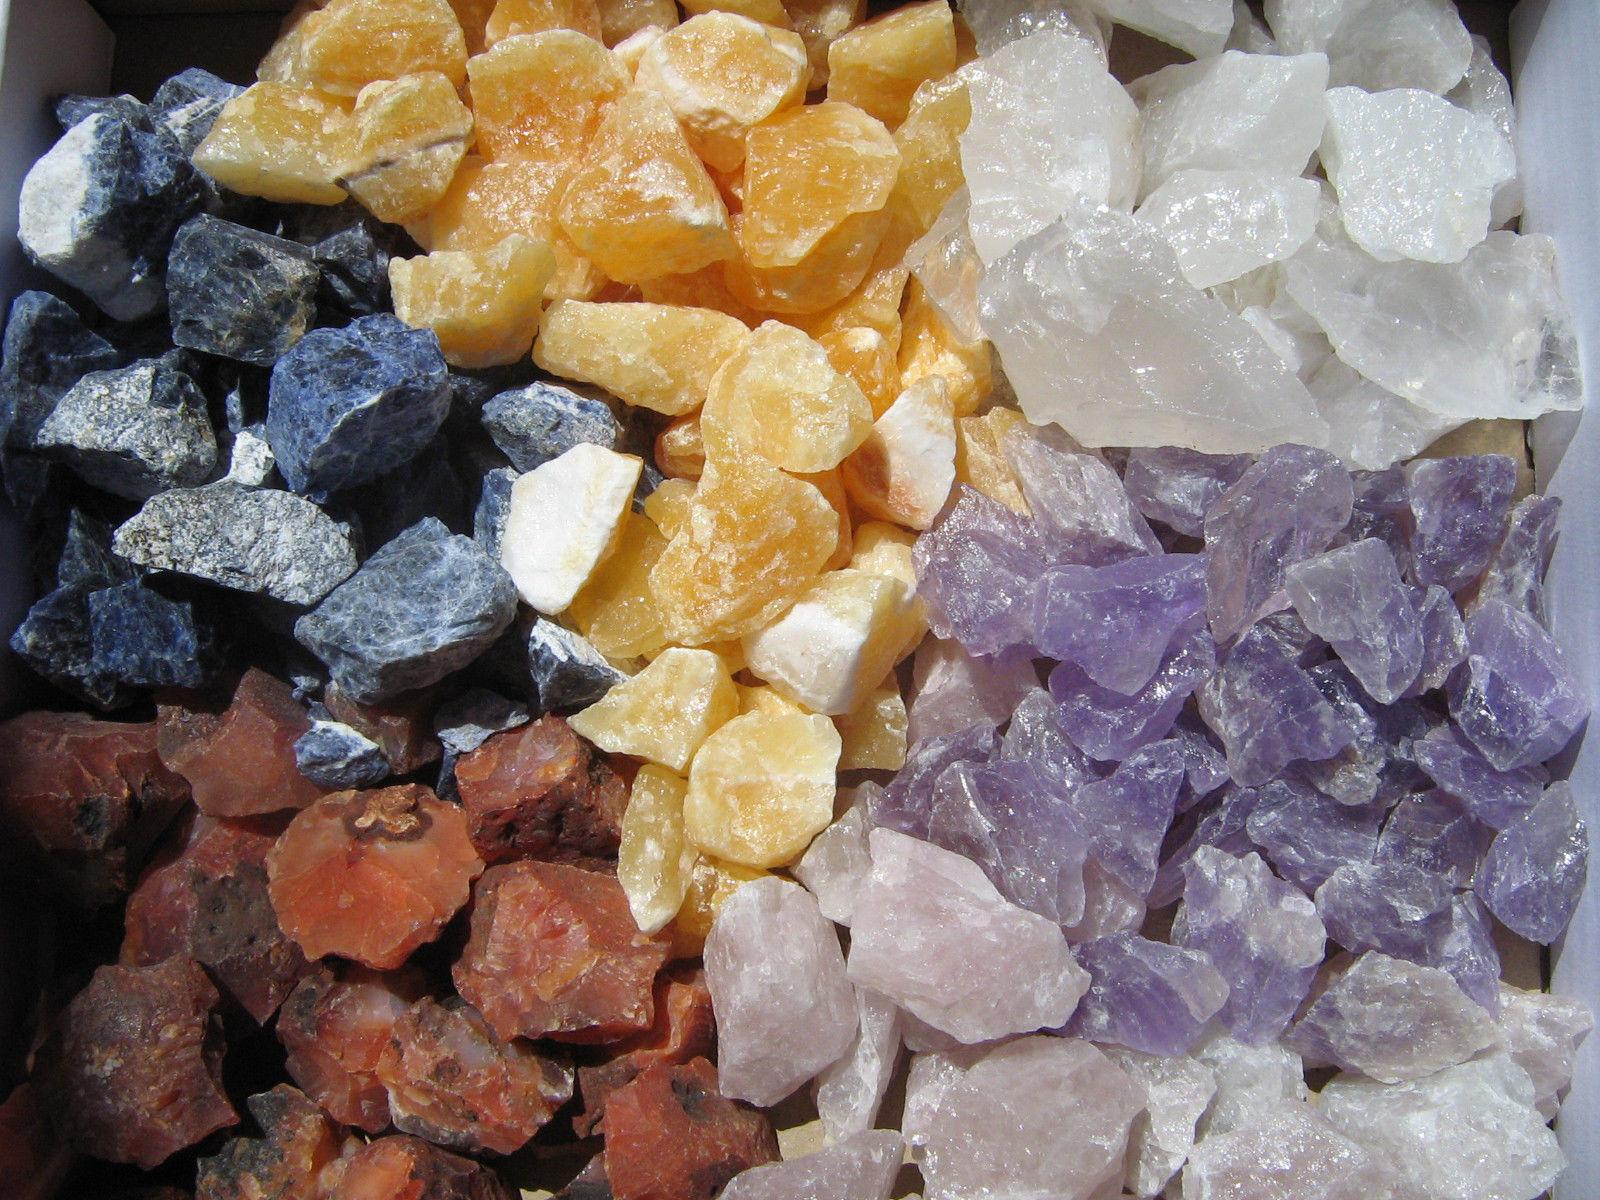 Rohsteine EdelSteine 100g-1000g/1kg,Wasser-, Heil-, Deko- Steine